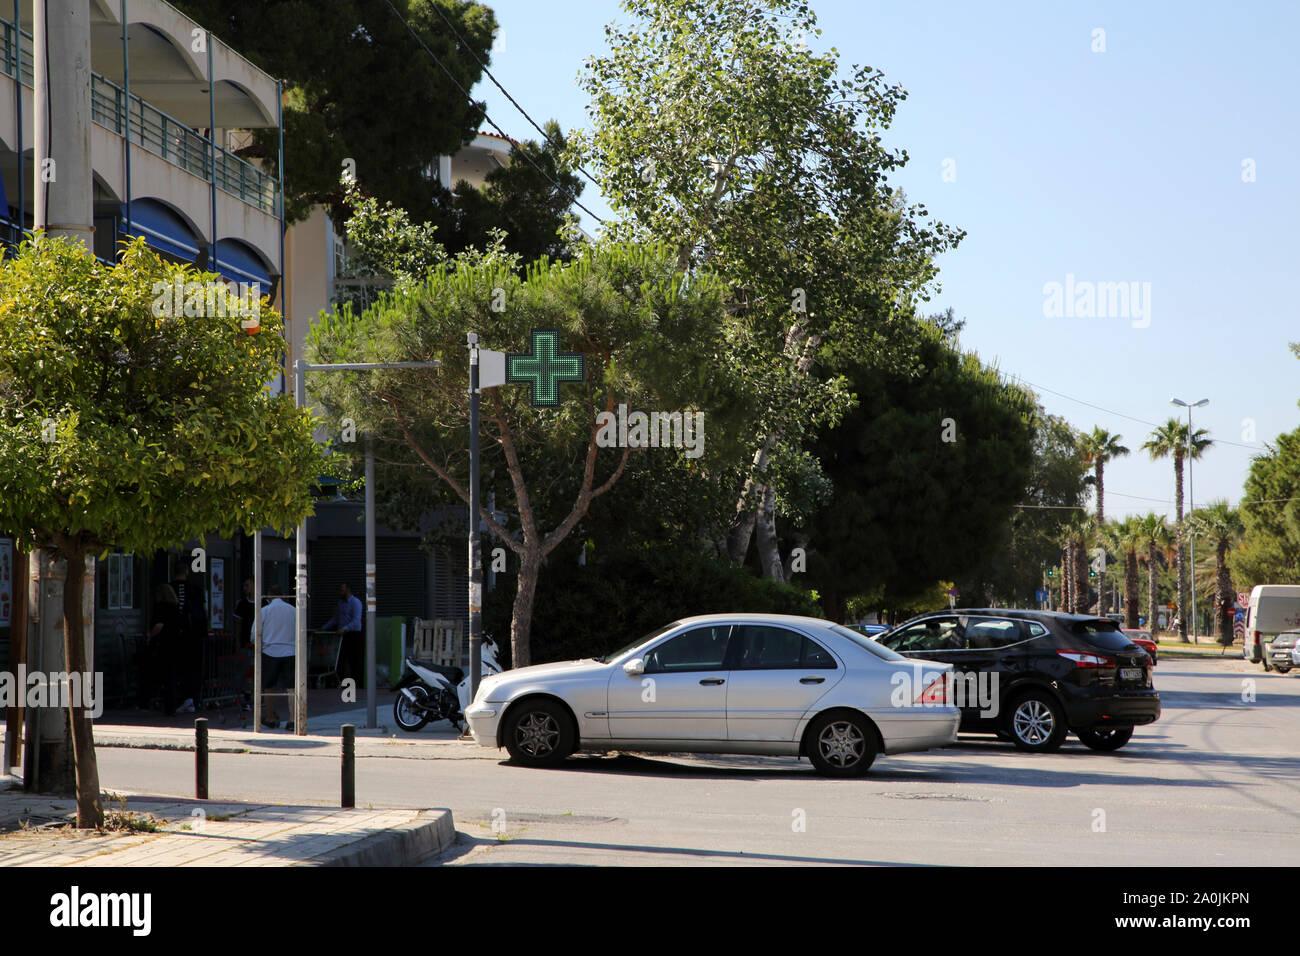 Vouliagmeni Atenas Attica Grecia autos estacionados fuera de la farmacia y el Supermercado Foto de stock